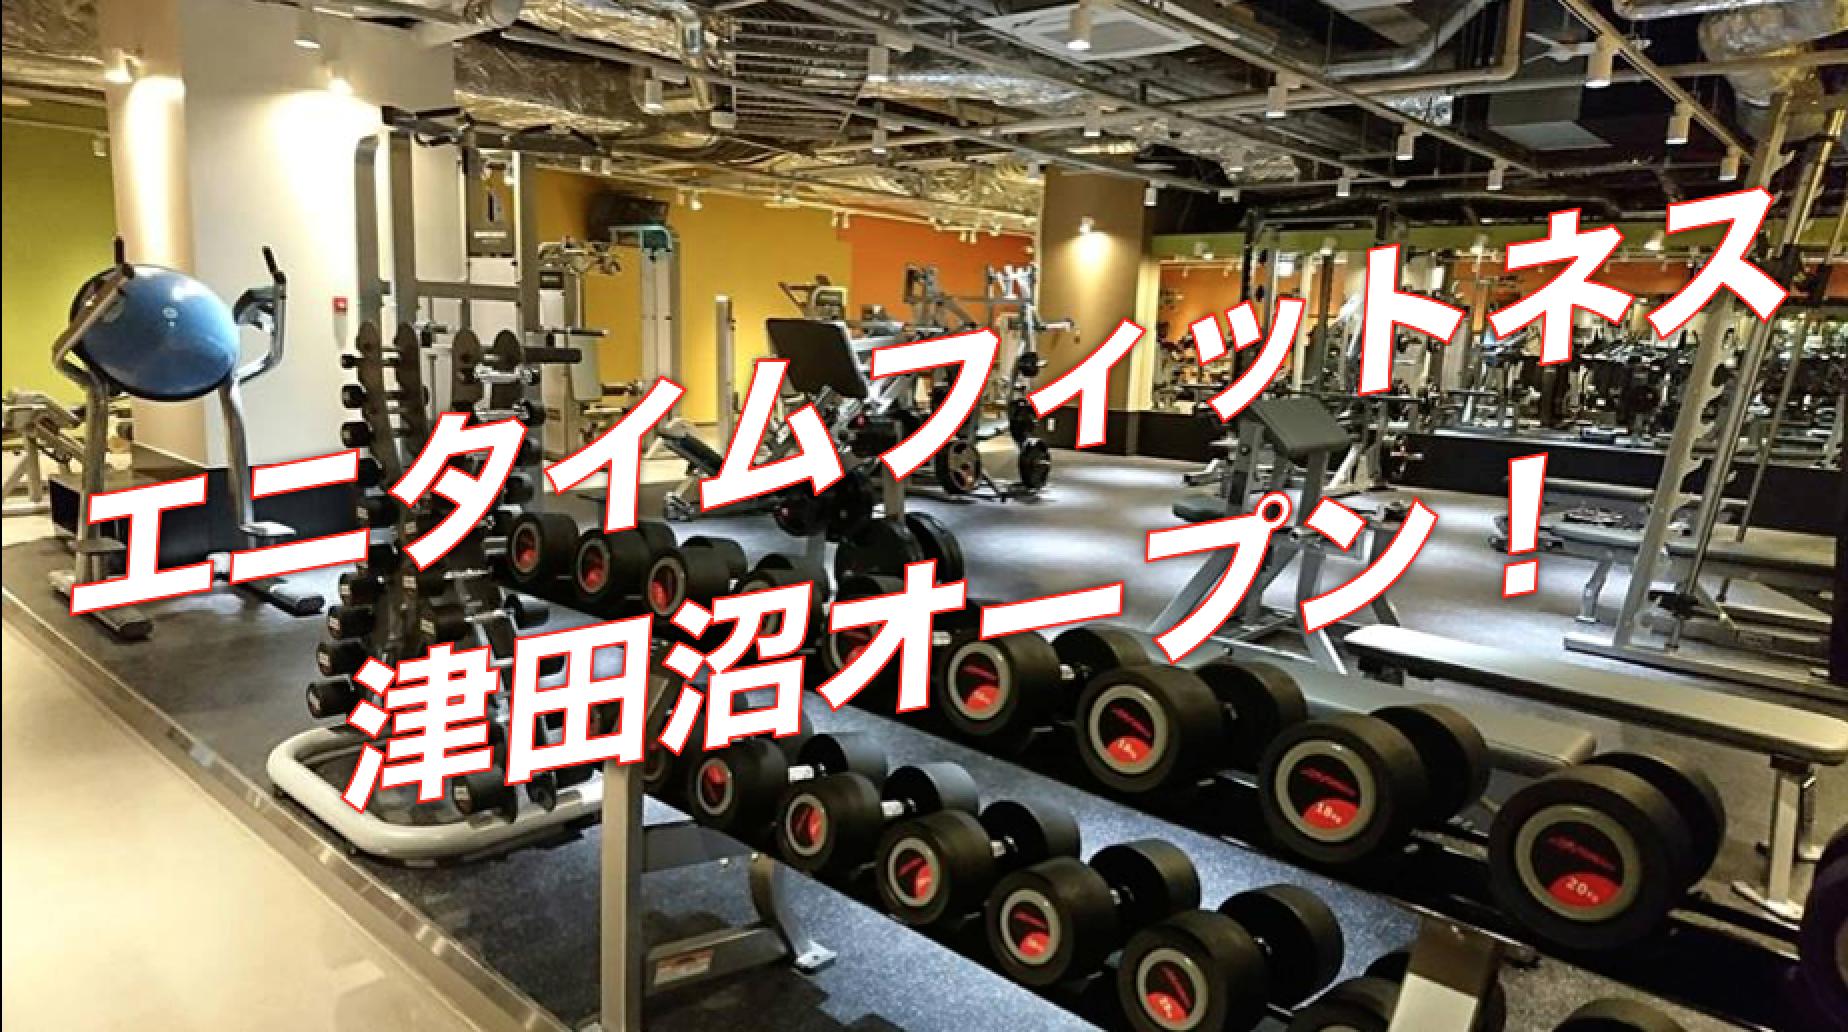 12/8オープン!エニタイムフィットネス津田沼でもパーソナルトレーニングが受けられます!